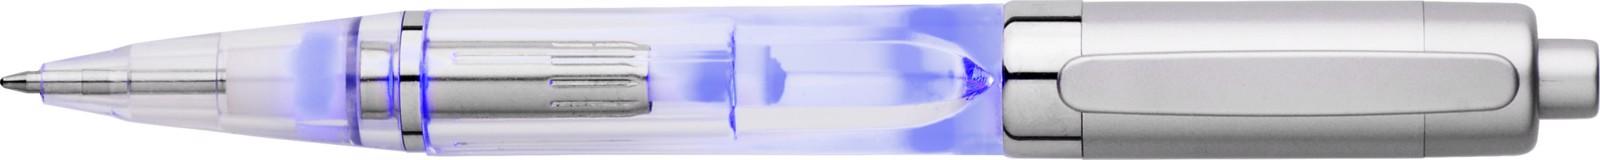 Plastic ballpen - Blue